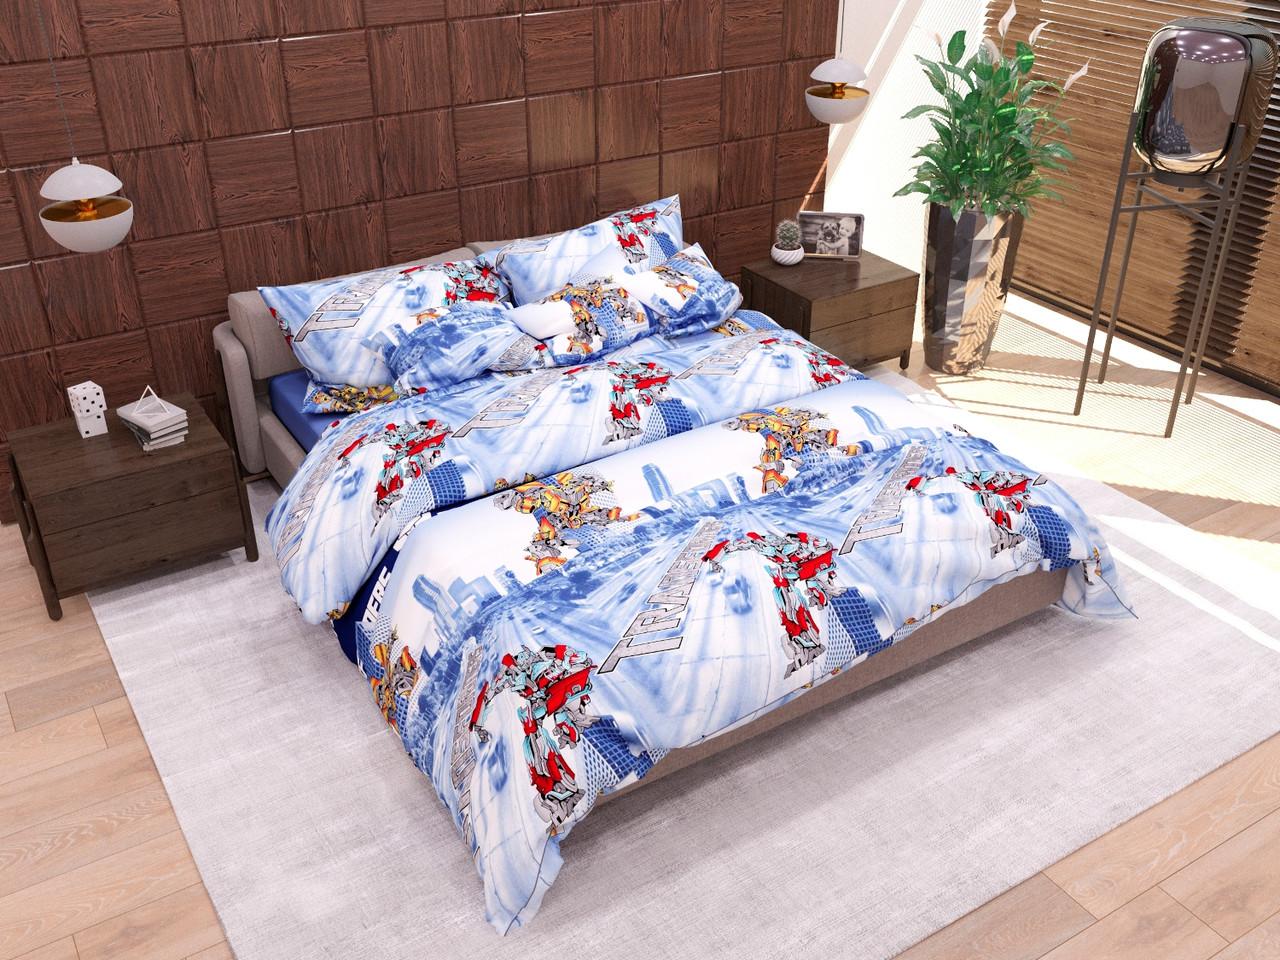 Комплект детского постельного белья Бязь Голд